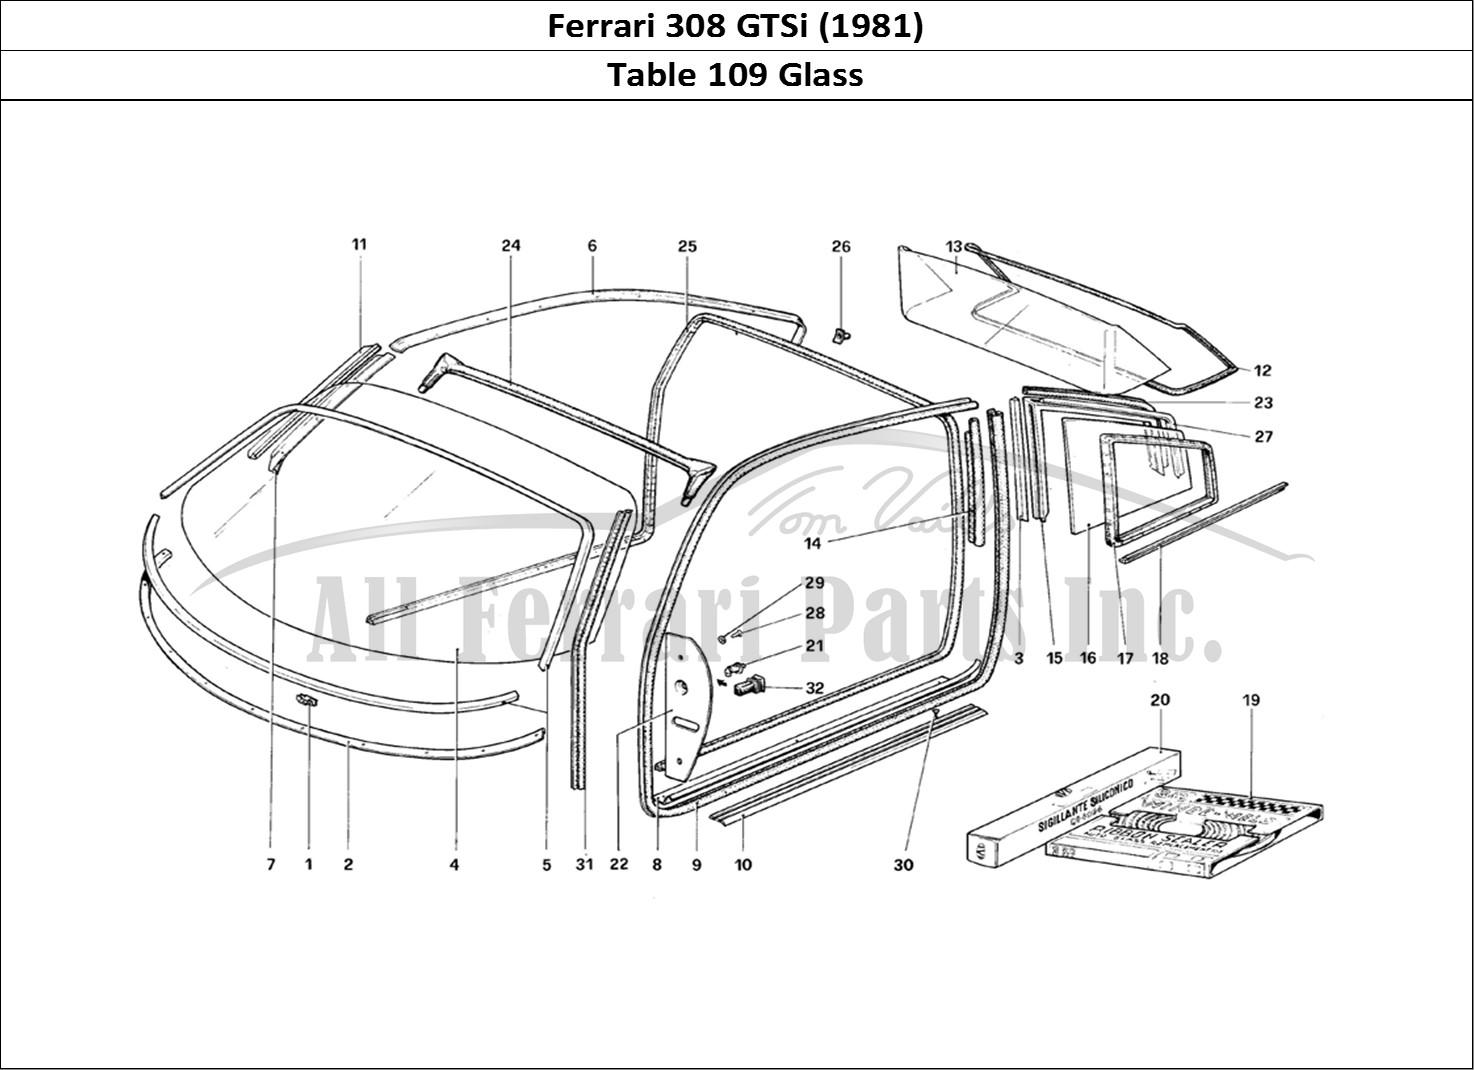 Buy original Ferrari 308 GTSi (1981) 109 Glass Ferrari